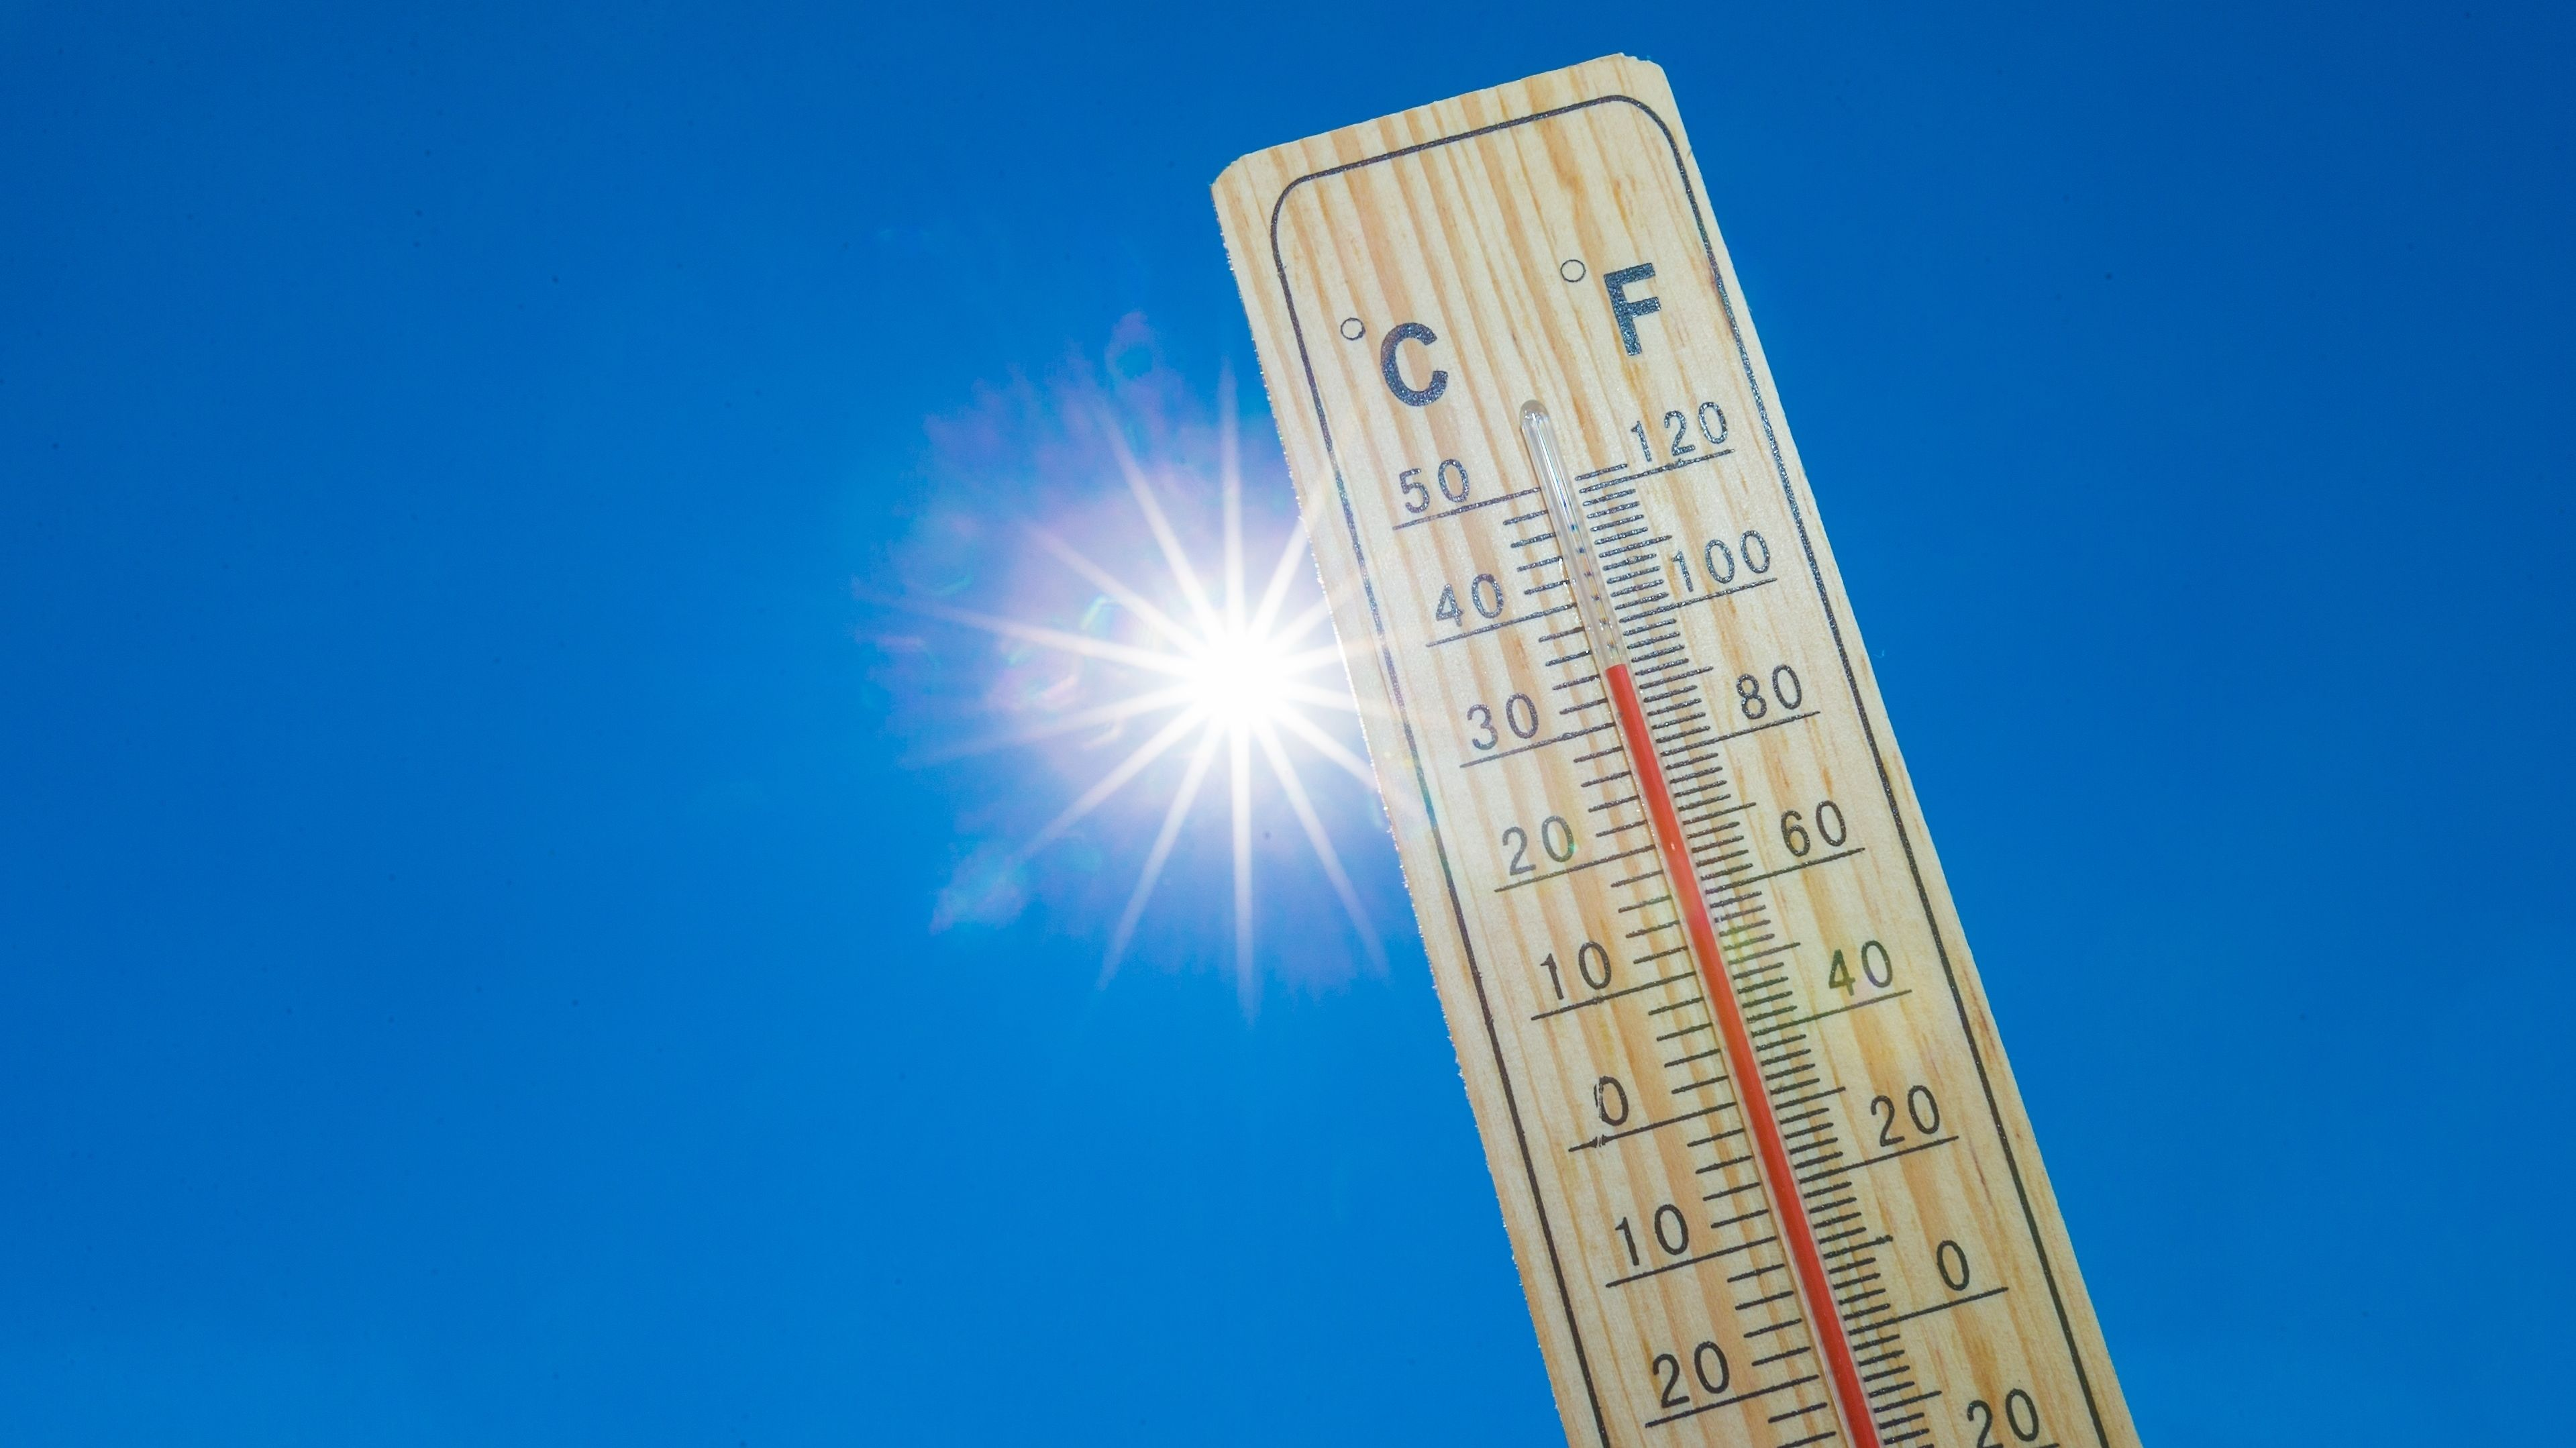 Ein Termometer zeigt deutlich über 30 Grad an (Symbolbild)